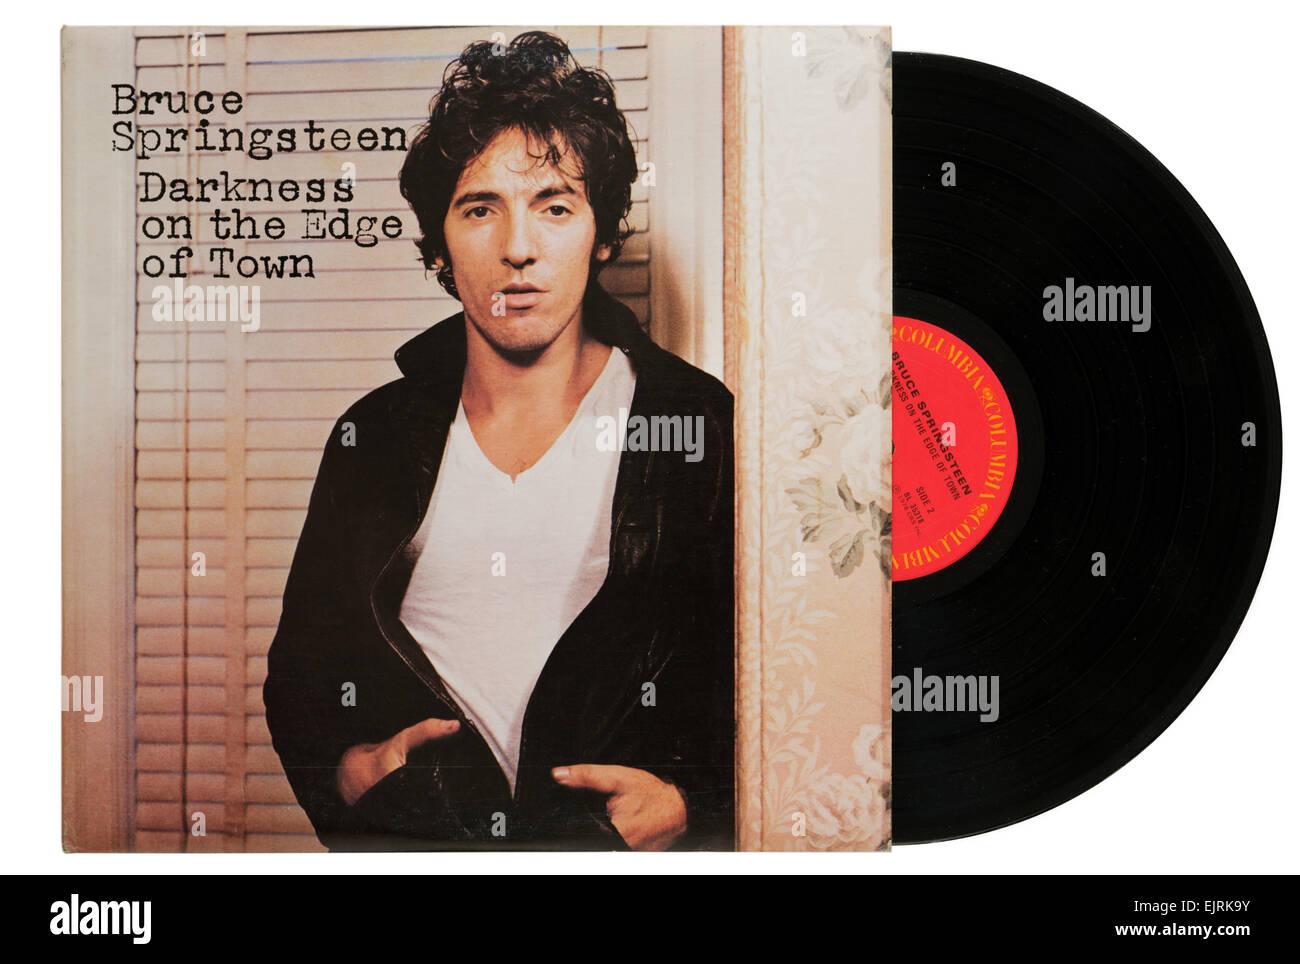 Bruce Springsteen álbum oscuridad en el borde de la ciudad. Imagen De Stock